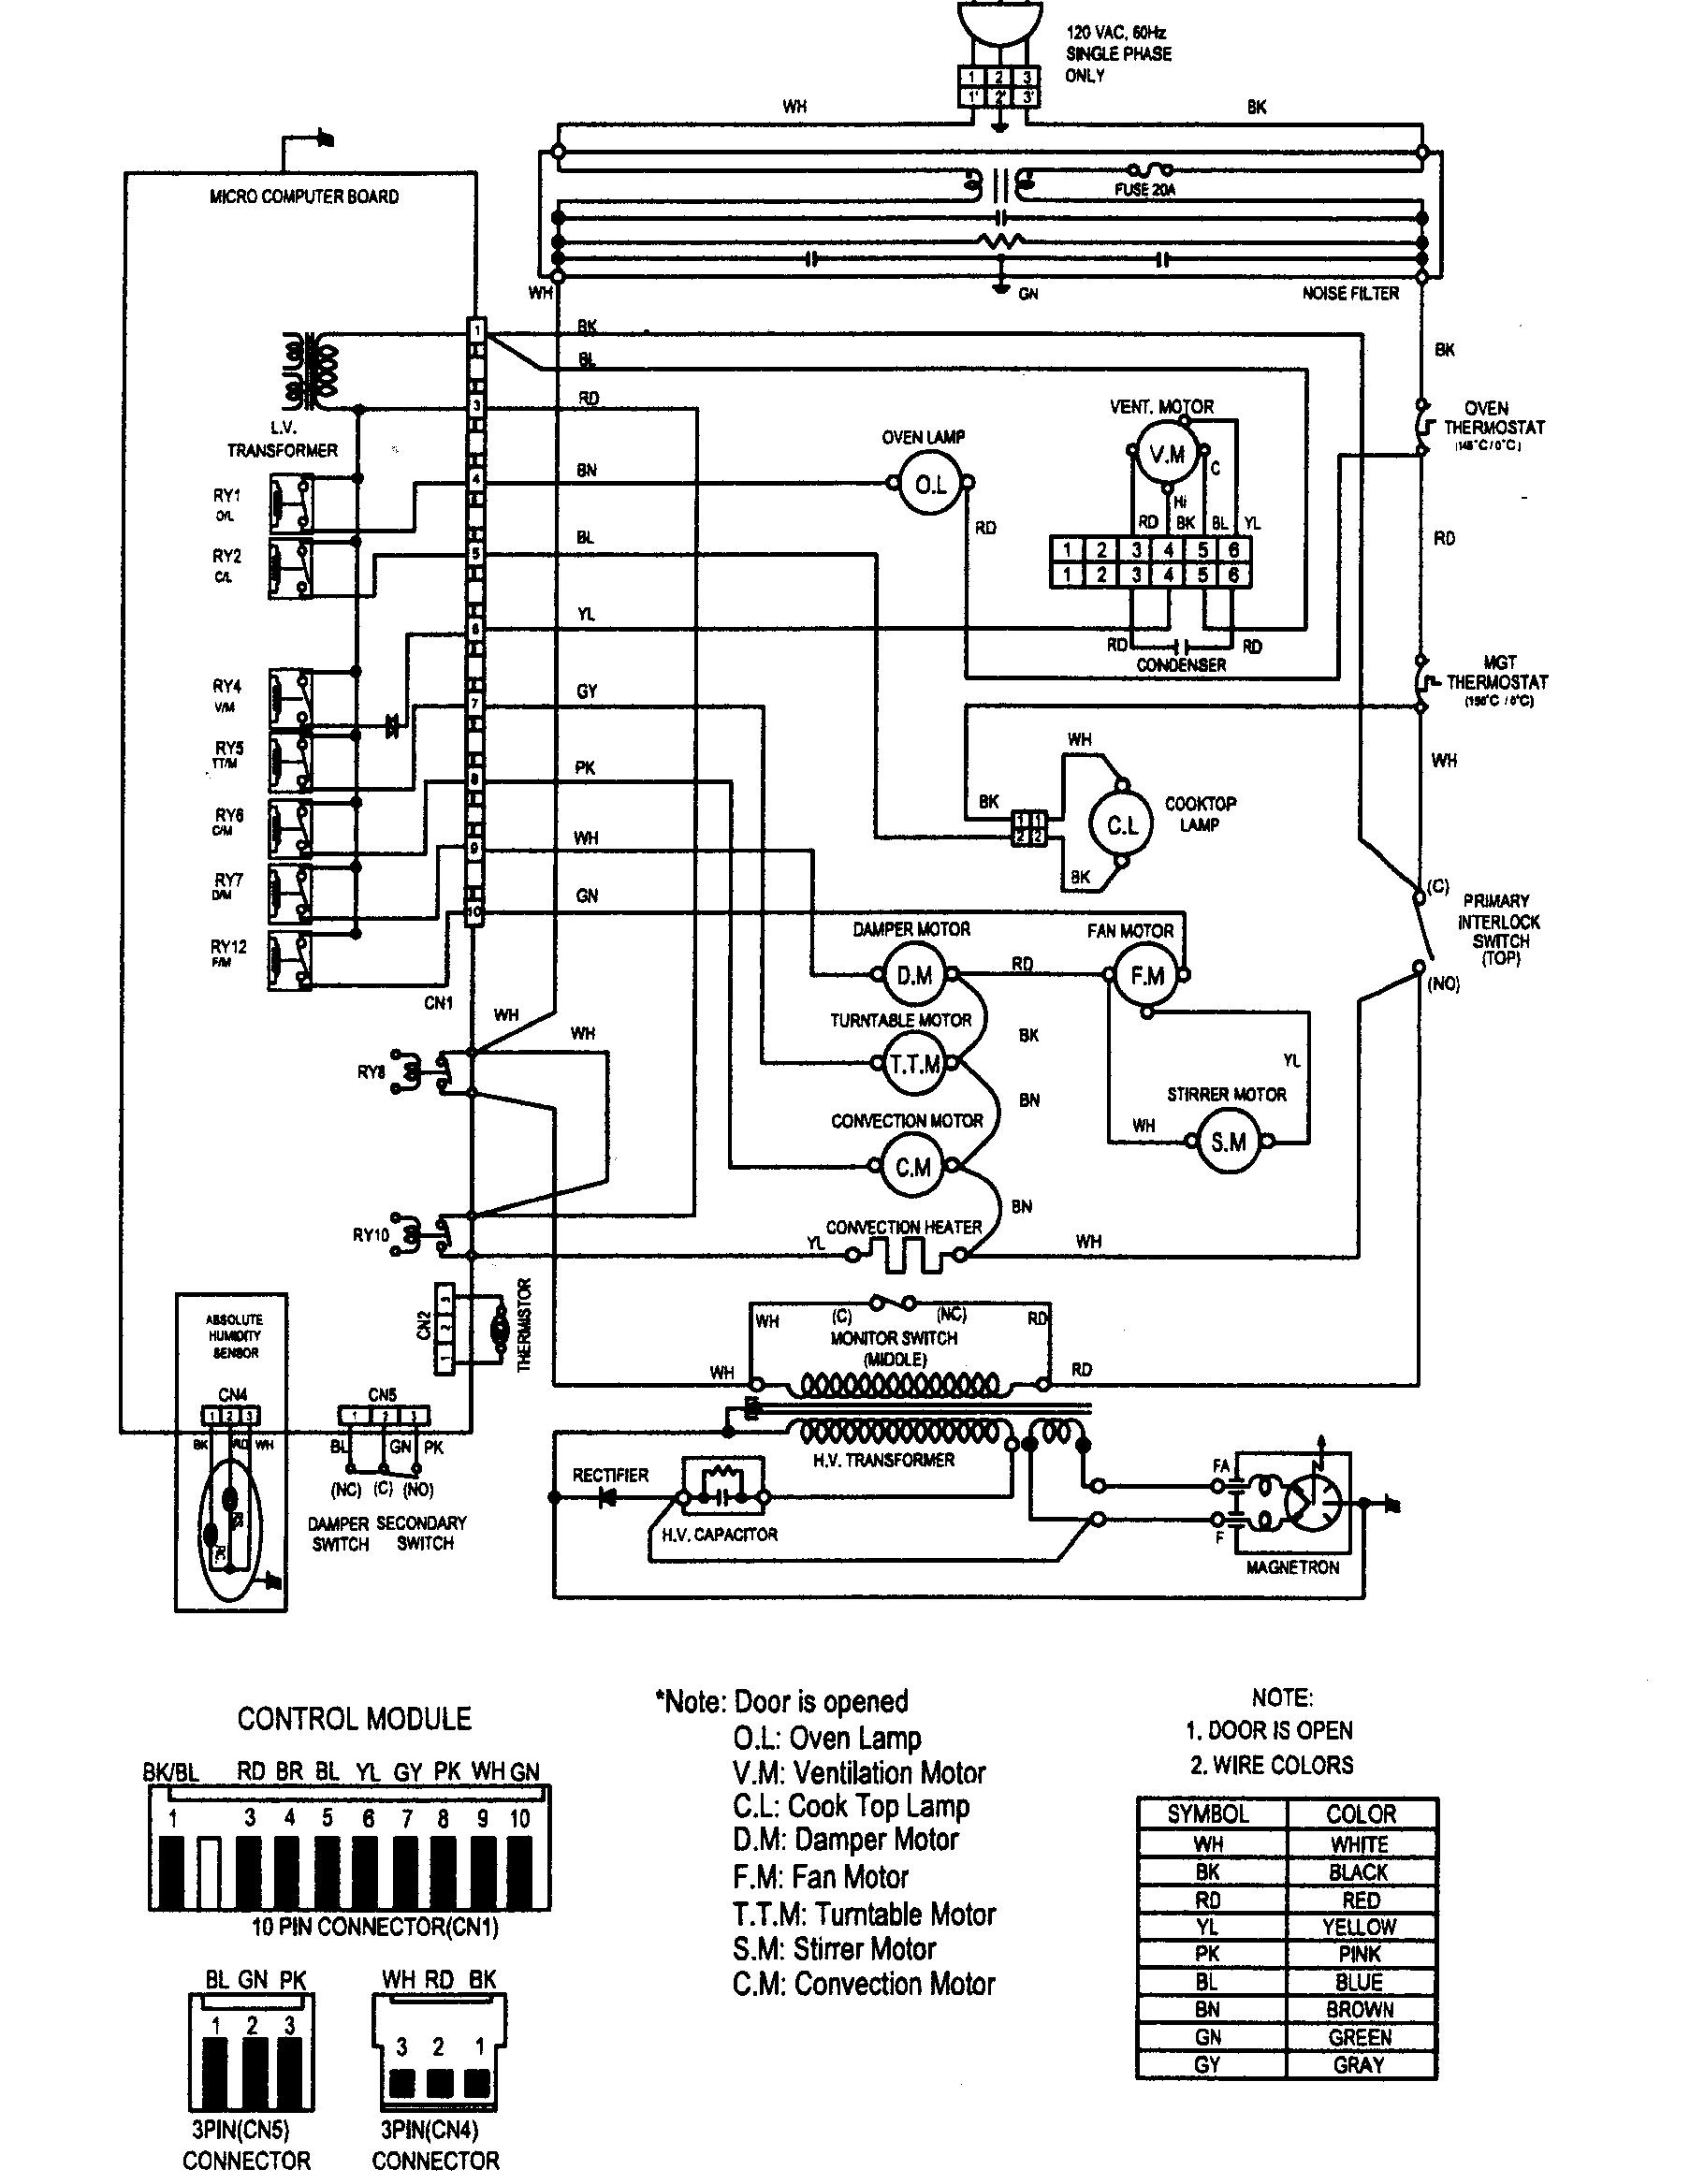 whirlpool freezer wiring diagram ss 2274  wiring diagram for whirlpool fridge freezer download diagram  wiring diagram for whirlpool fridge